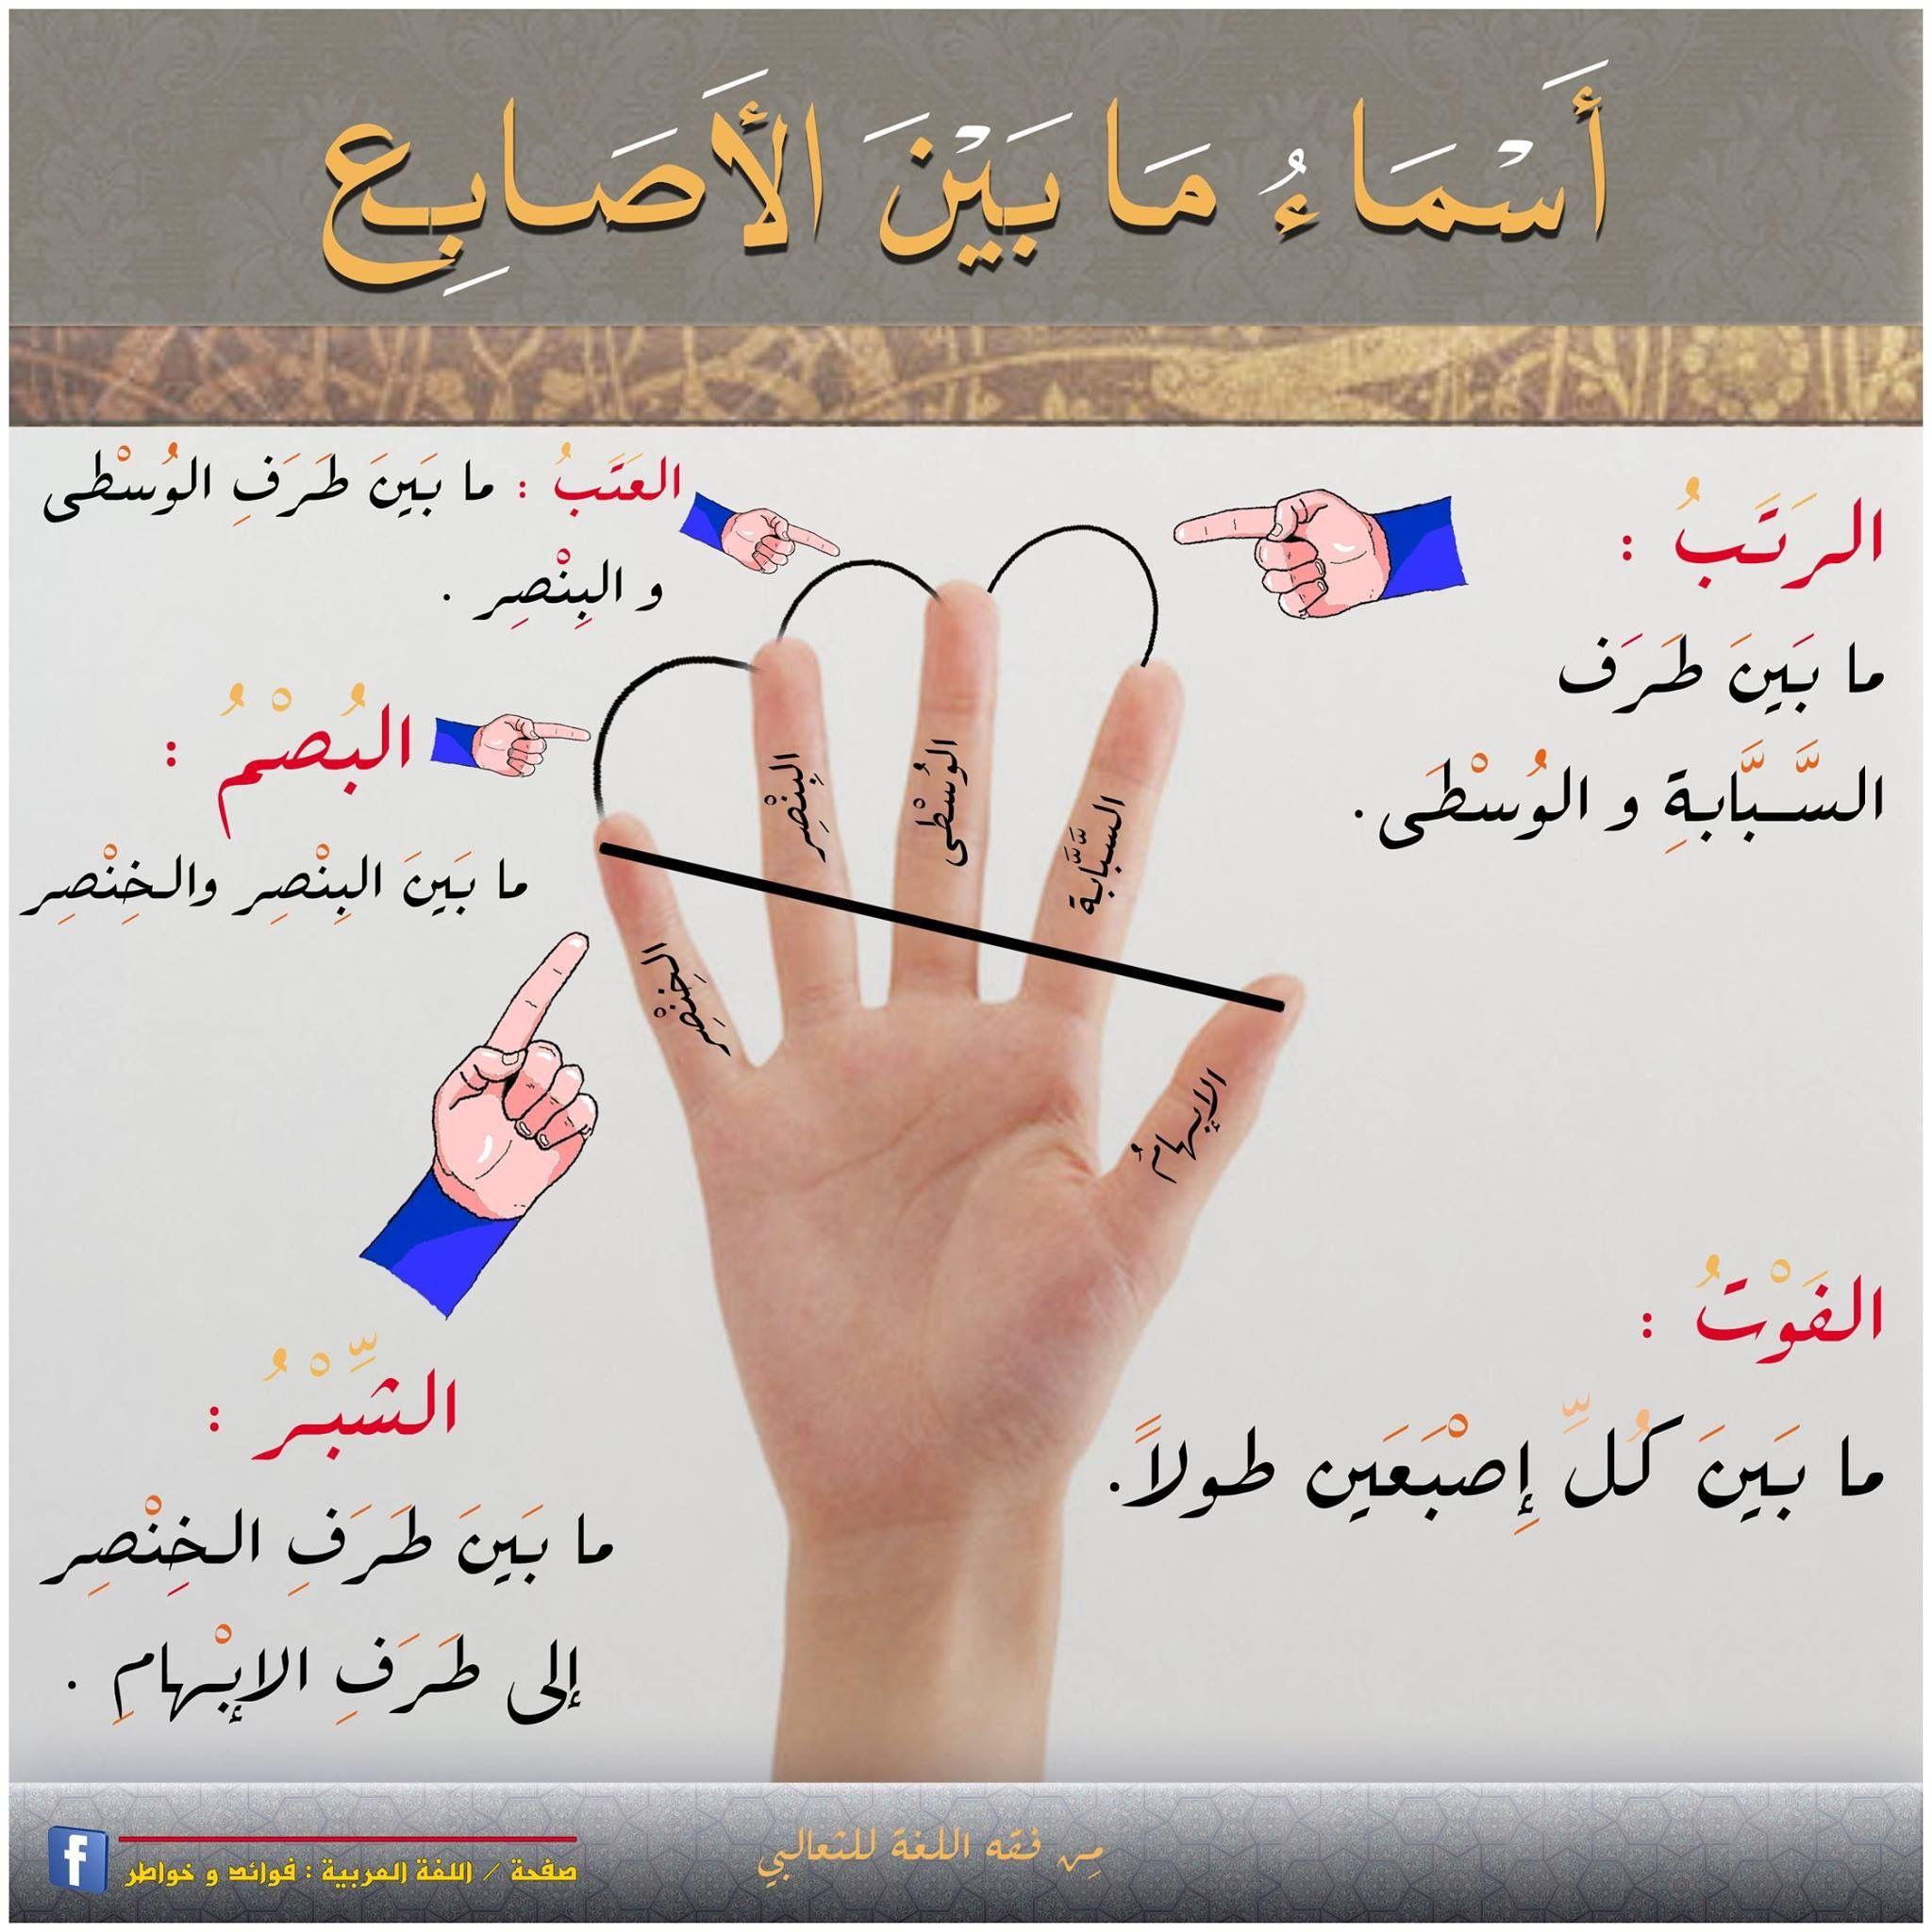 اسماء ما بين الأصابع Learn Arabic Language Arabic Language Learn Arabic Alphabet